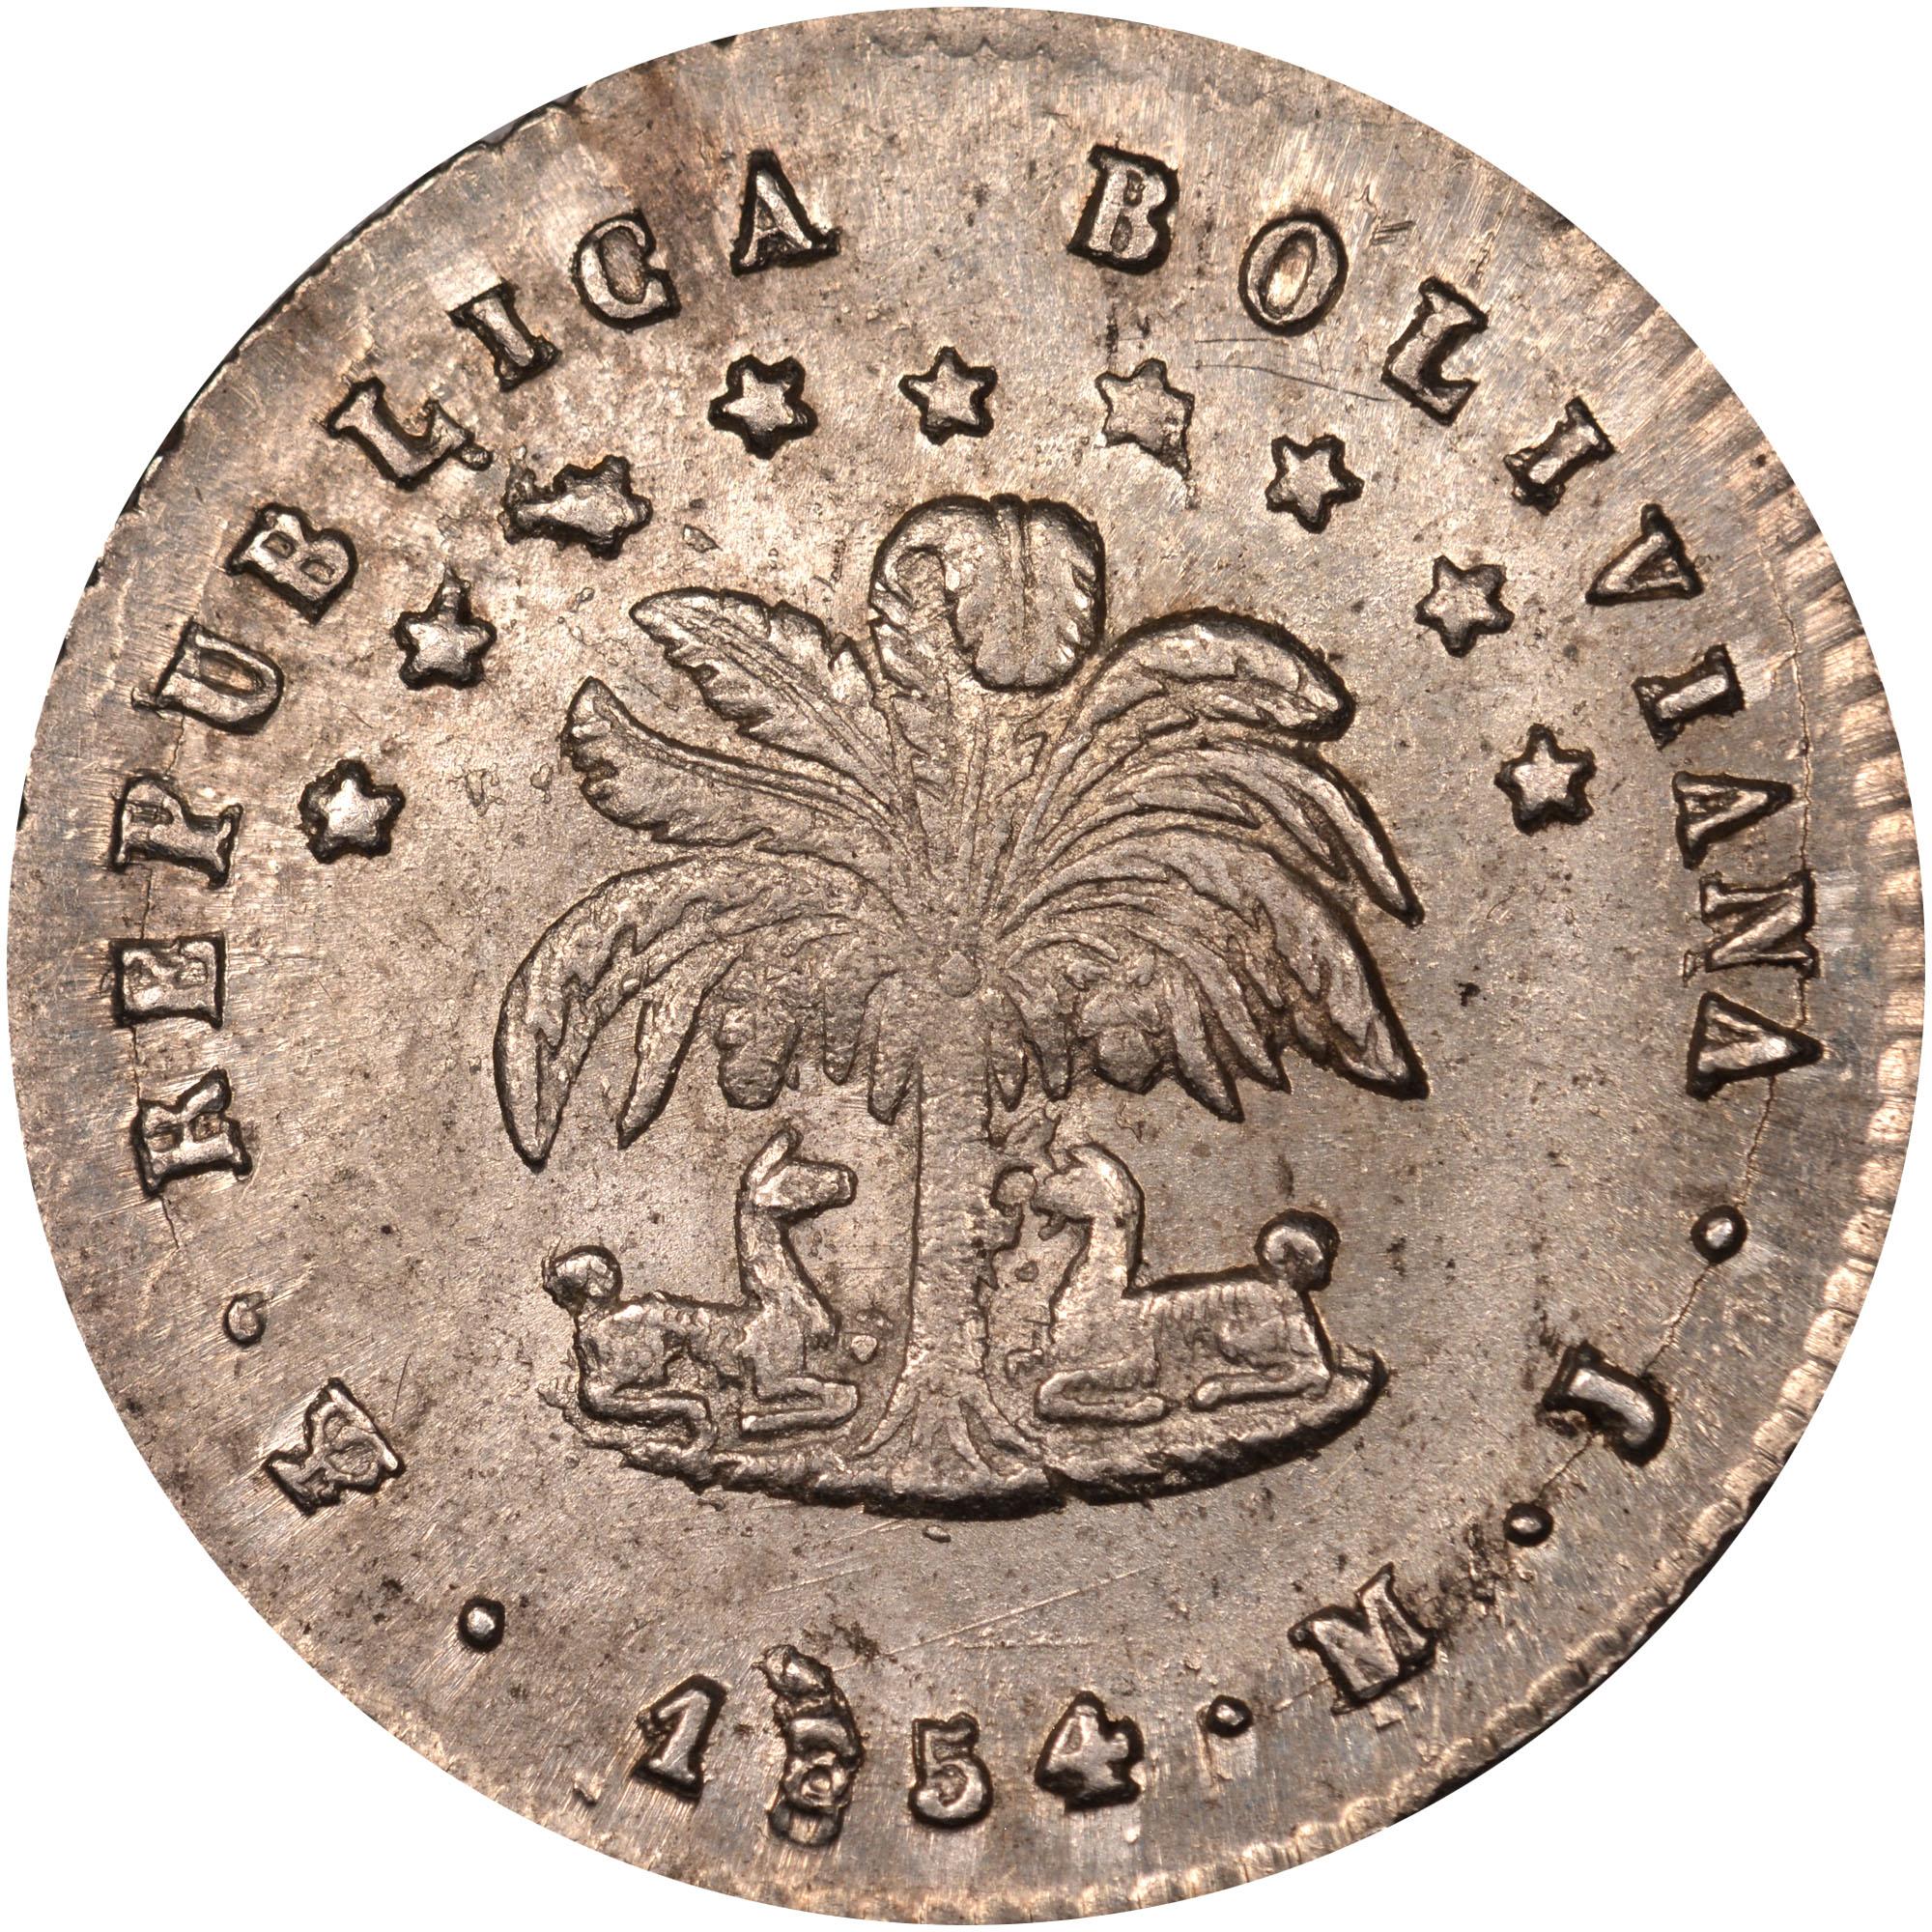 1853-1856 Bolivia 1/2 Sol obverse